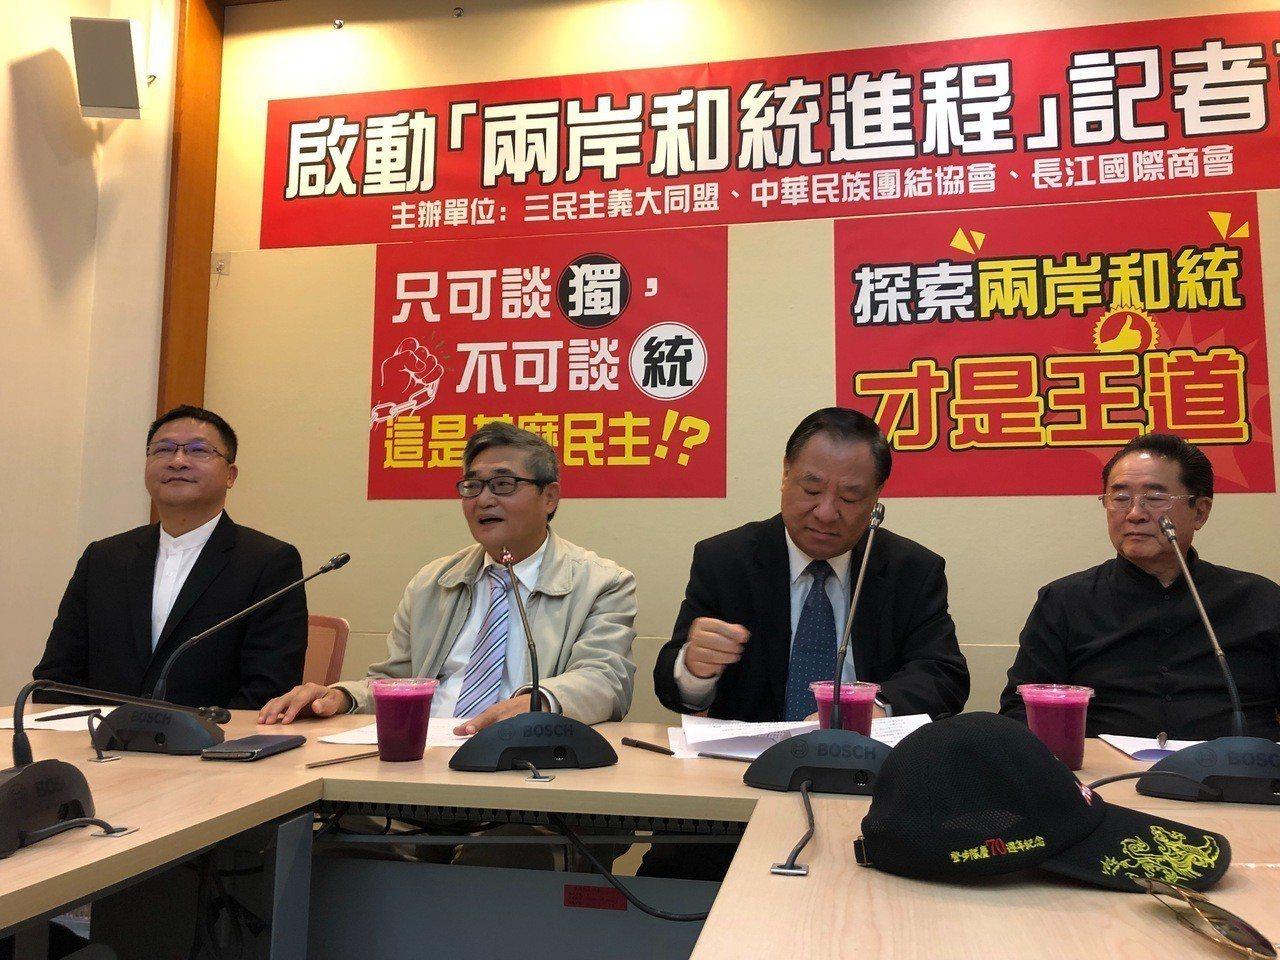 三民主義統一大中國同盟宣布將在農曆年後起,半年內辦理8場活動(包含研討會、閉門論...